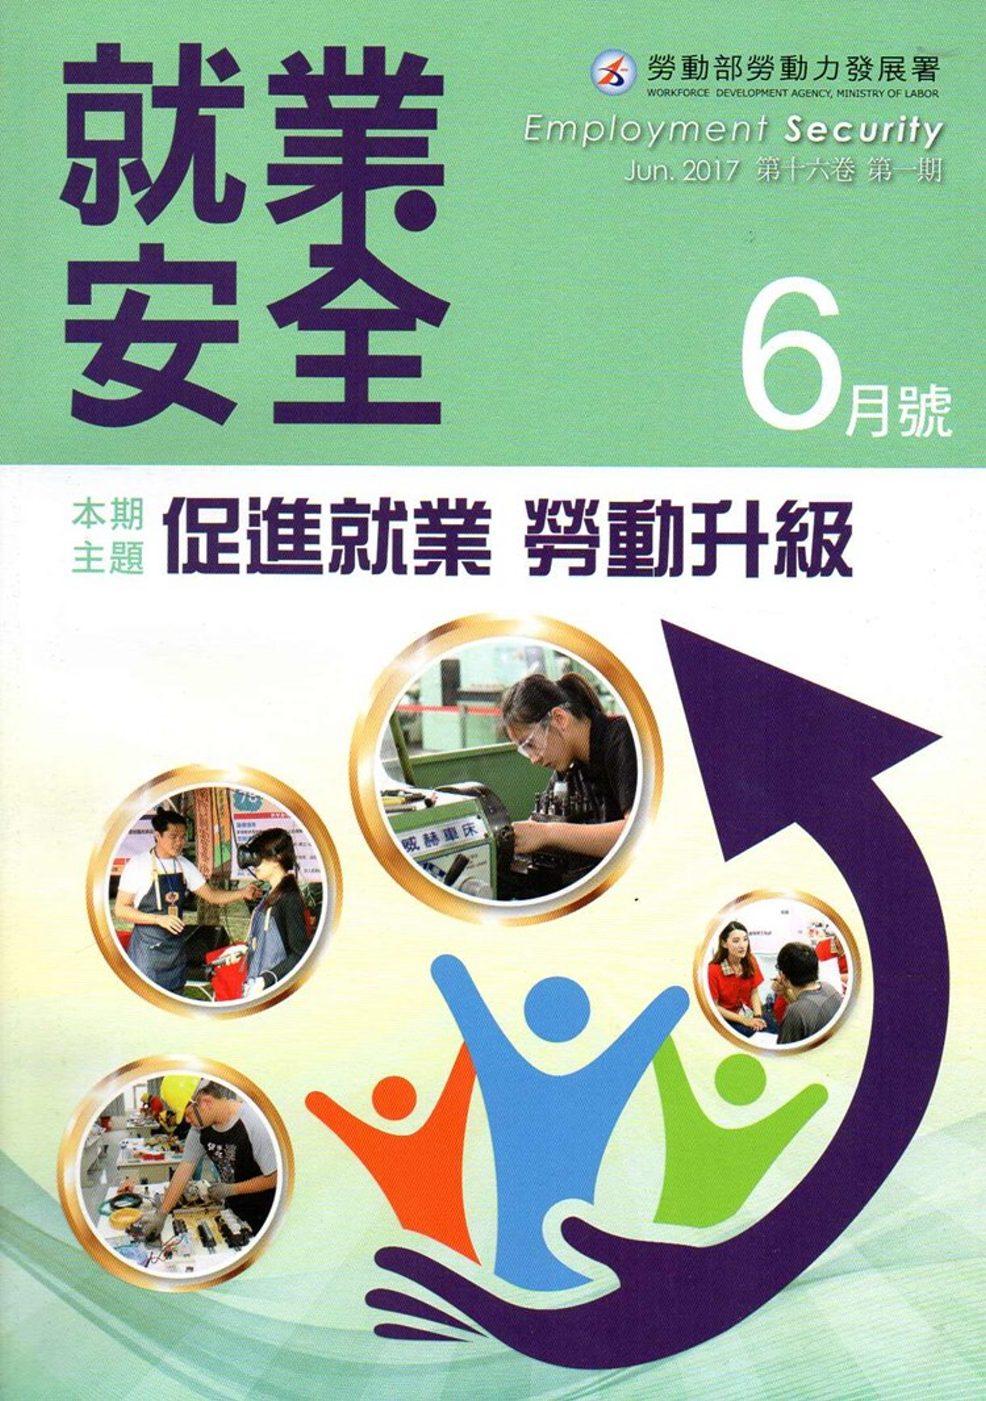 就業安全半年刊第16卷1期(106/06)